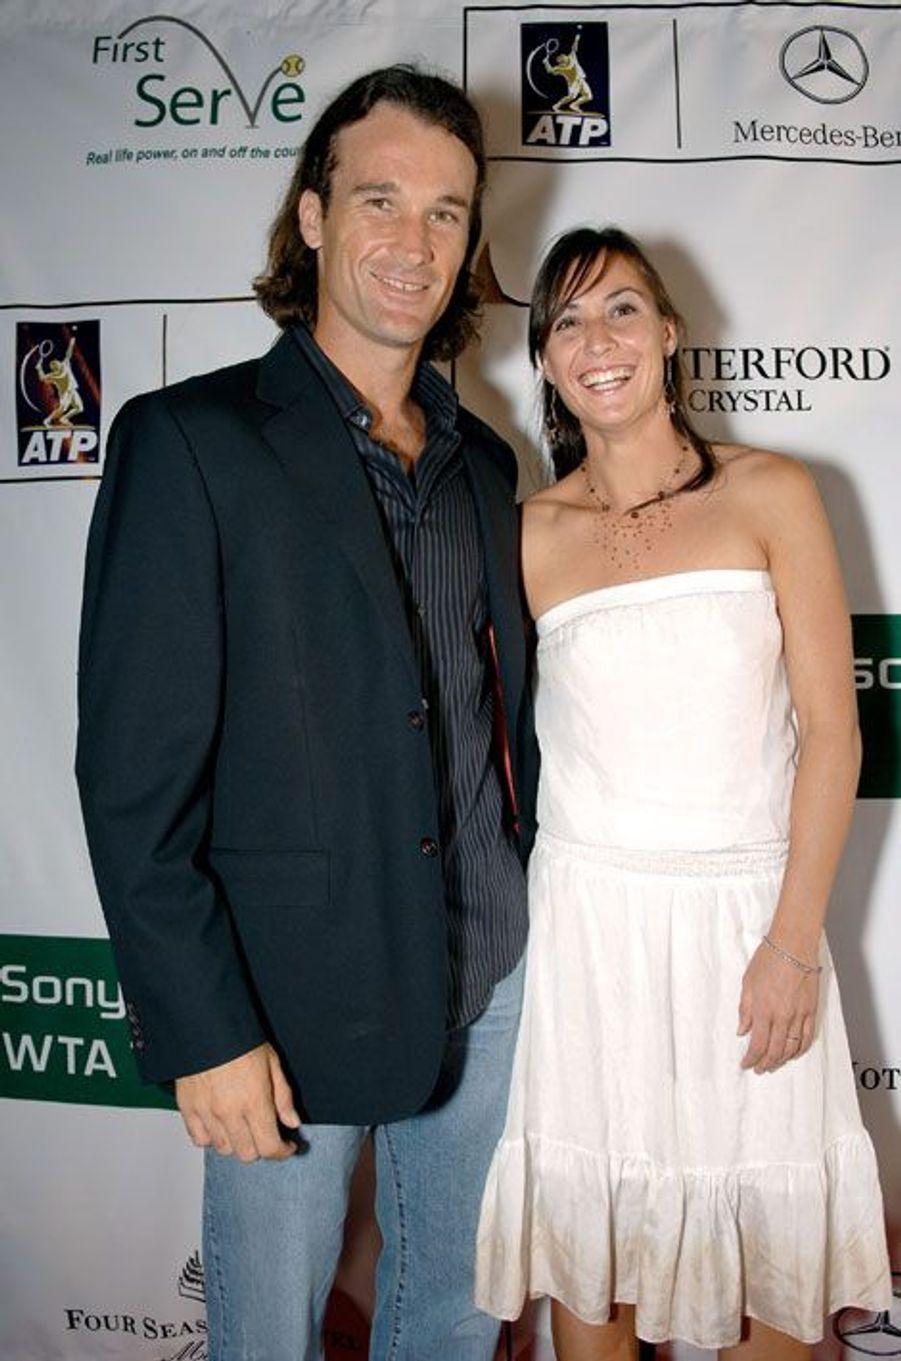 Carlos Moya et Flavia PennettaLeur histoire s'est terminée en 2007, après trois ans de vie commune. Alors qu'elle voulait faire une surprise à son compagnon, la joueuse l'aurait découvert en plein adultère.